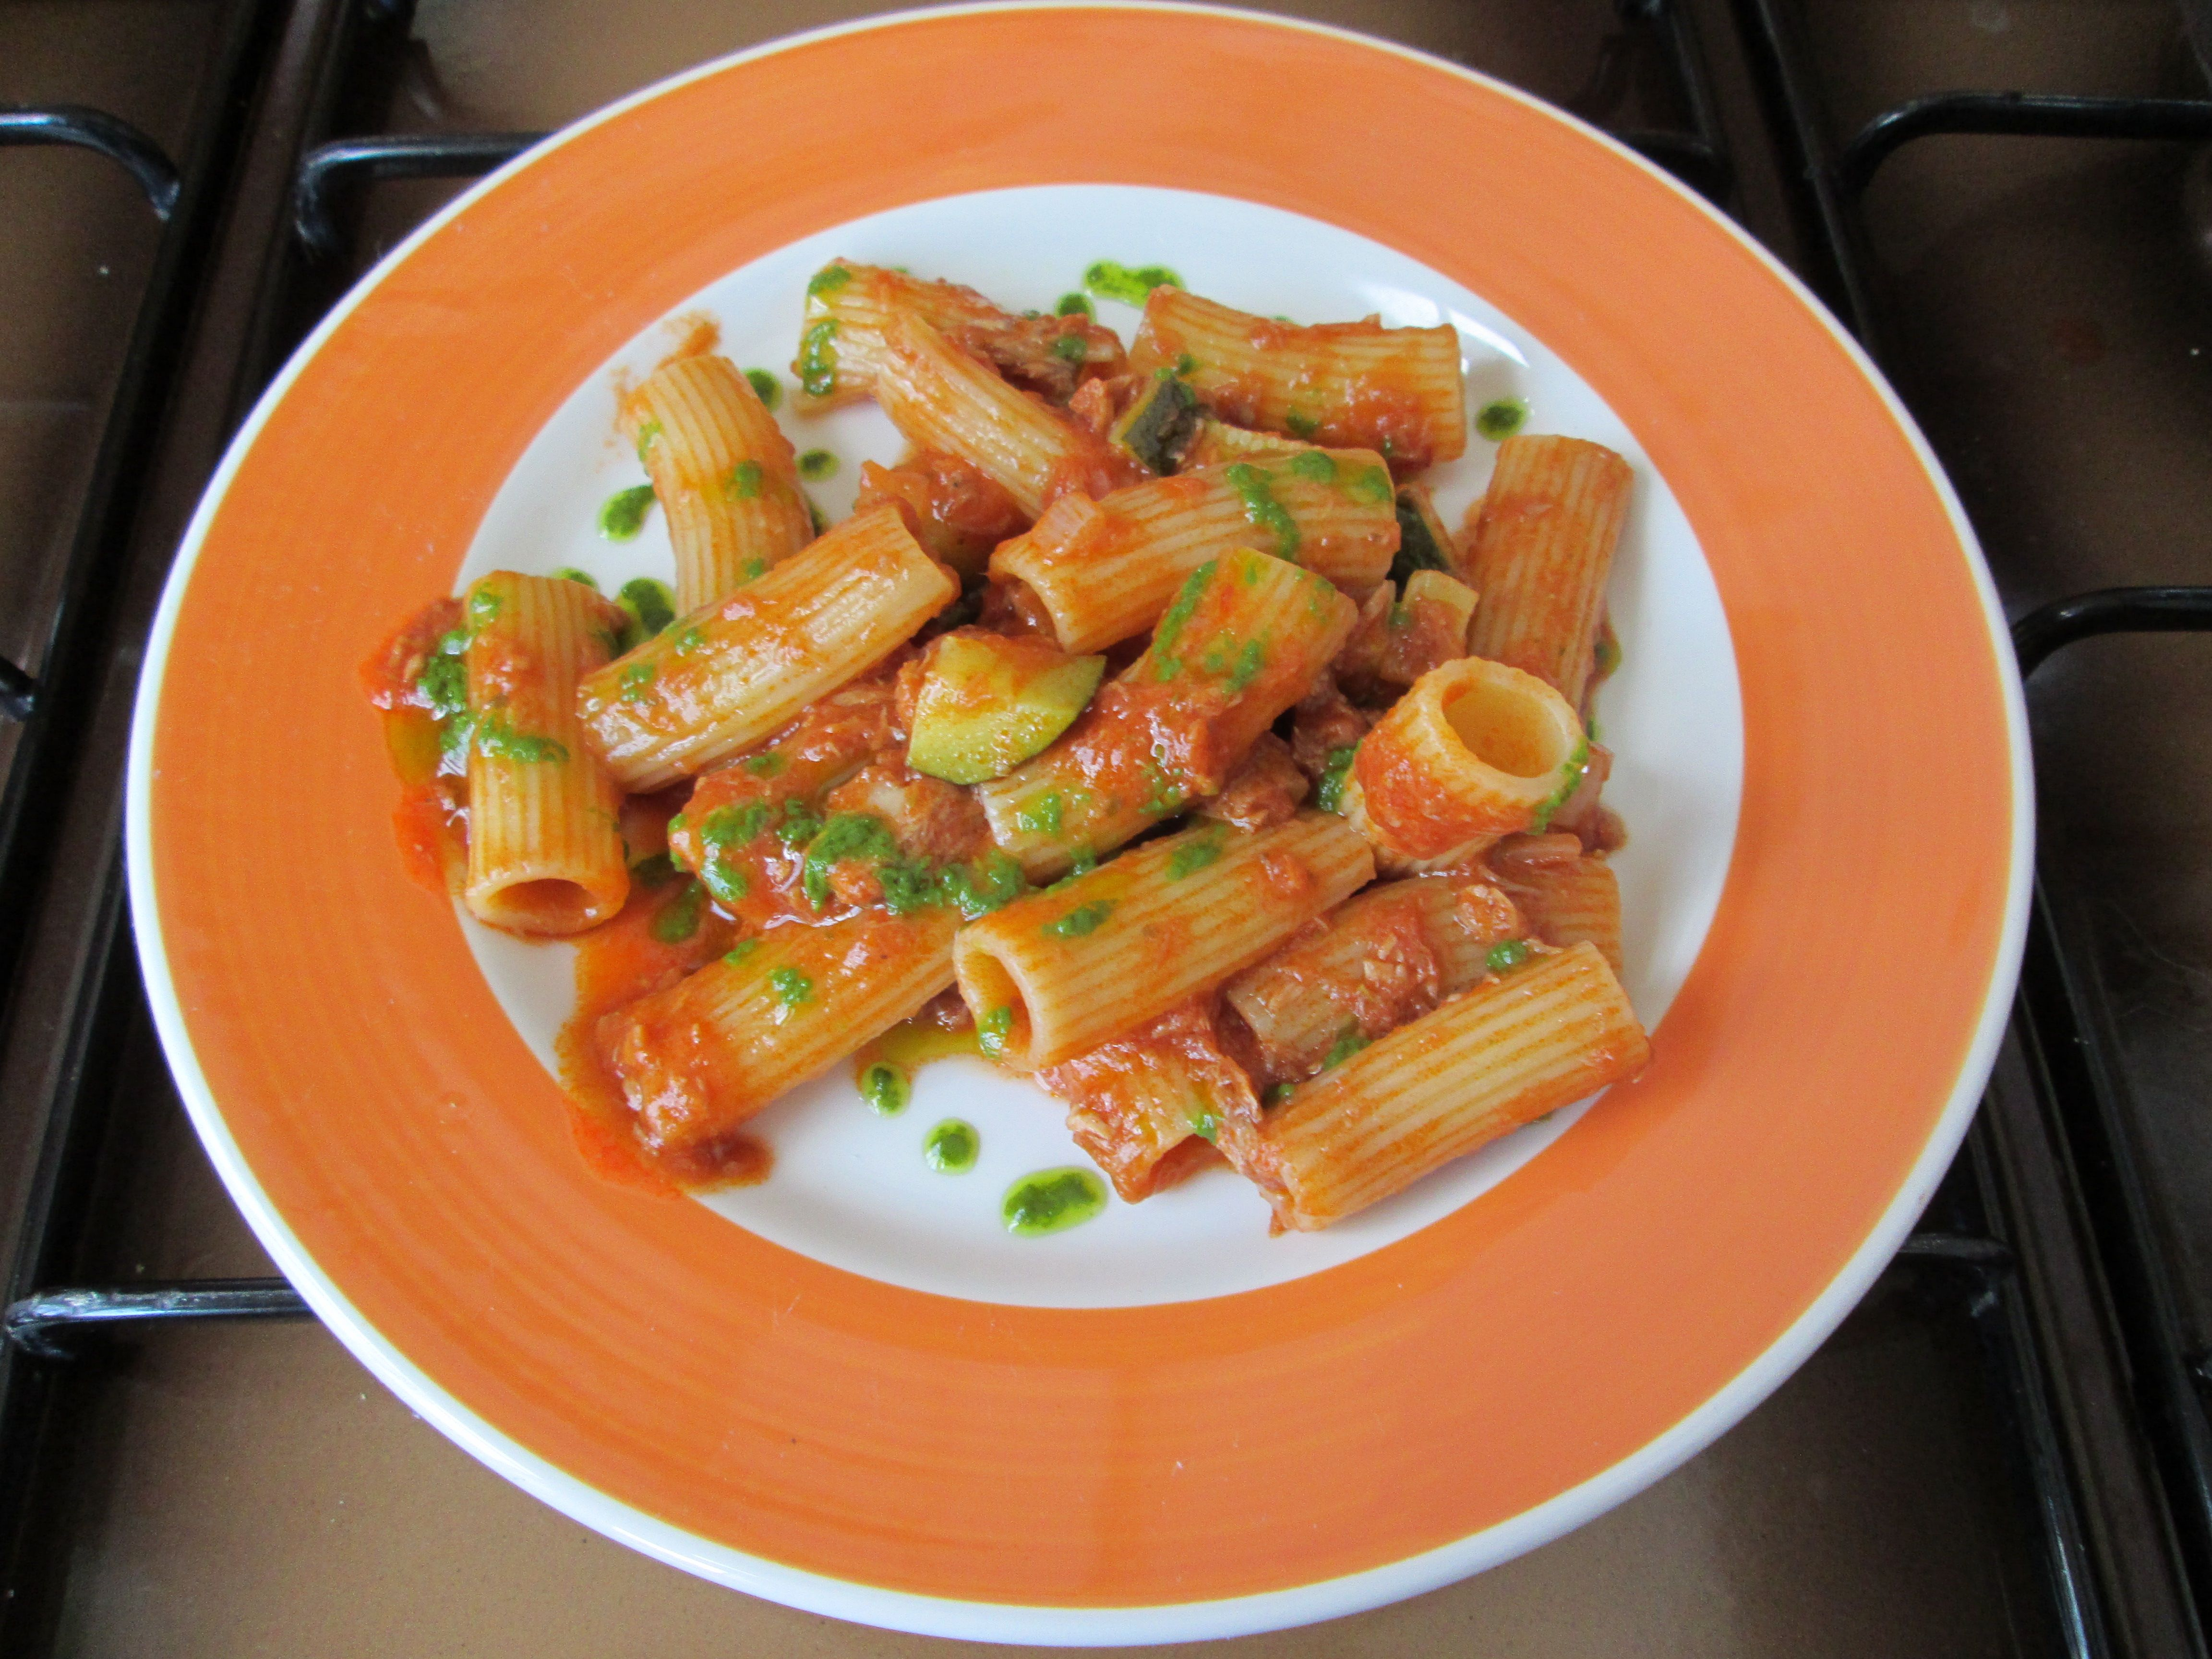 Pasta Rigatoni Thon Capres Tomate Et Basilique Gino D Aquino